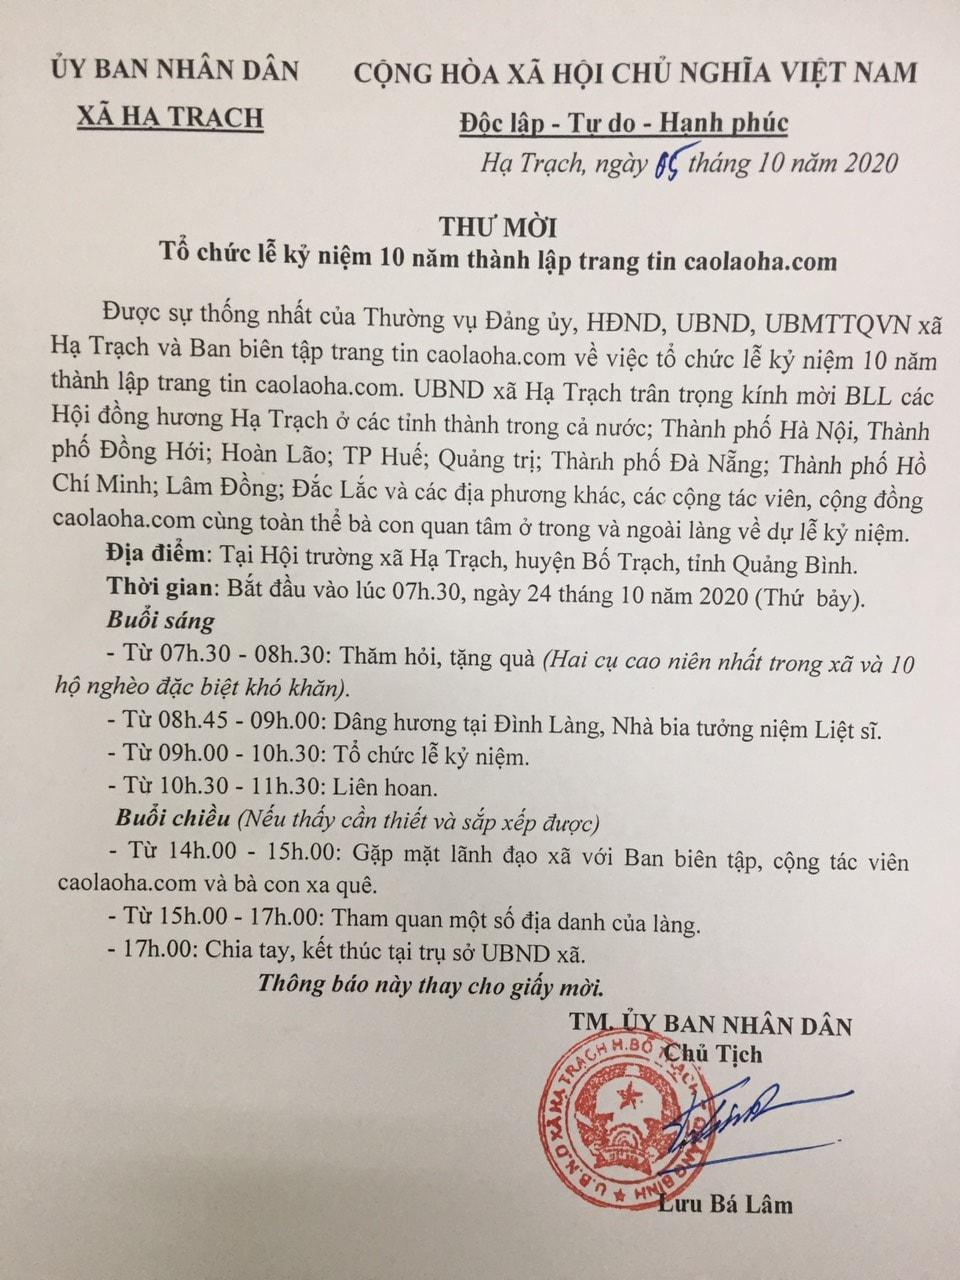 Thư mời của UBND xã Hạ Trạch